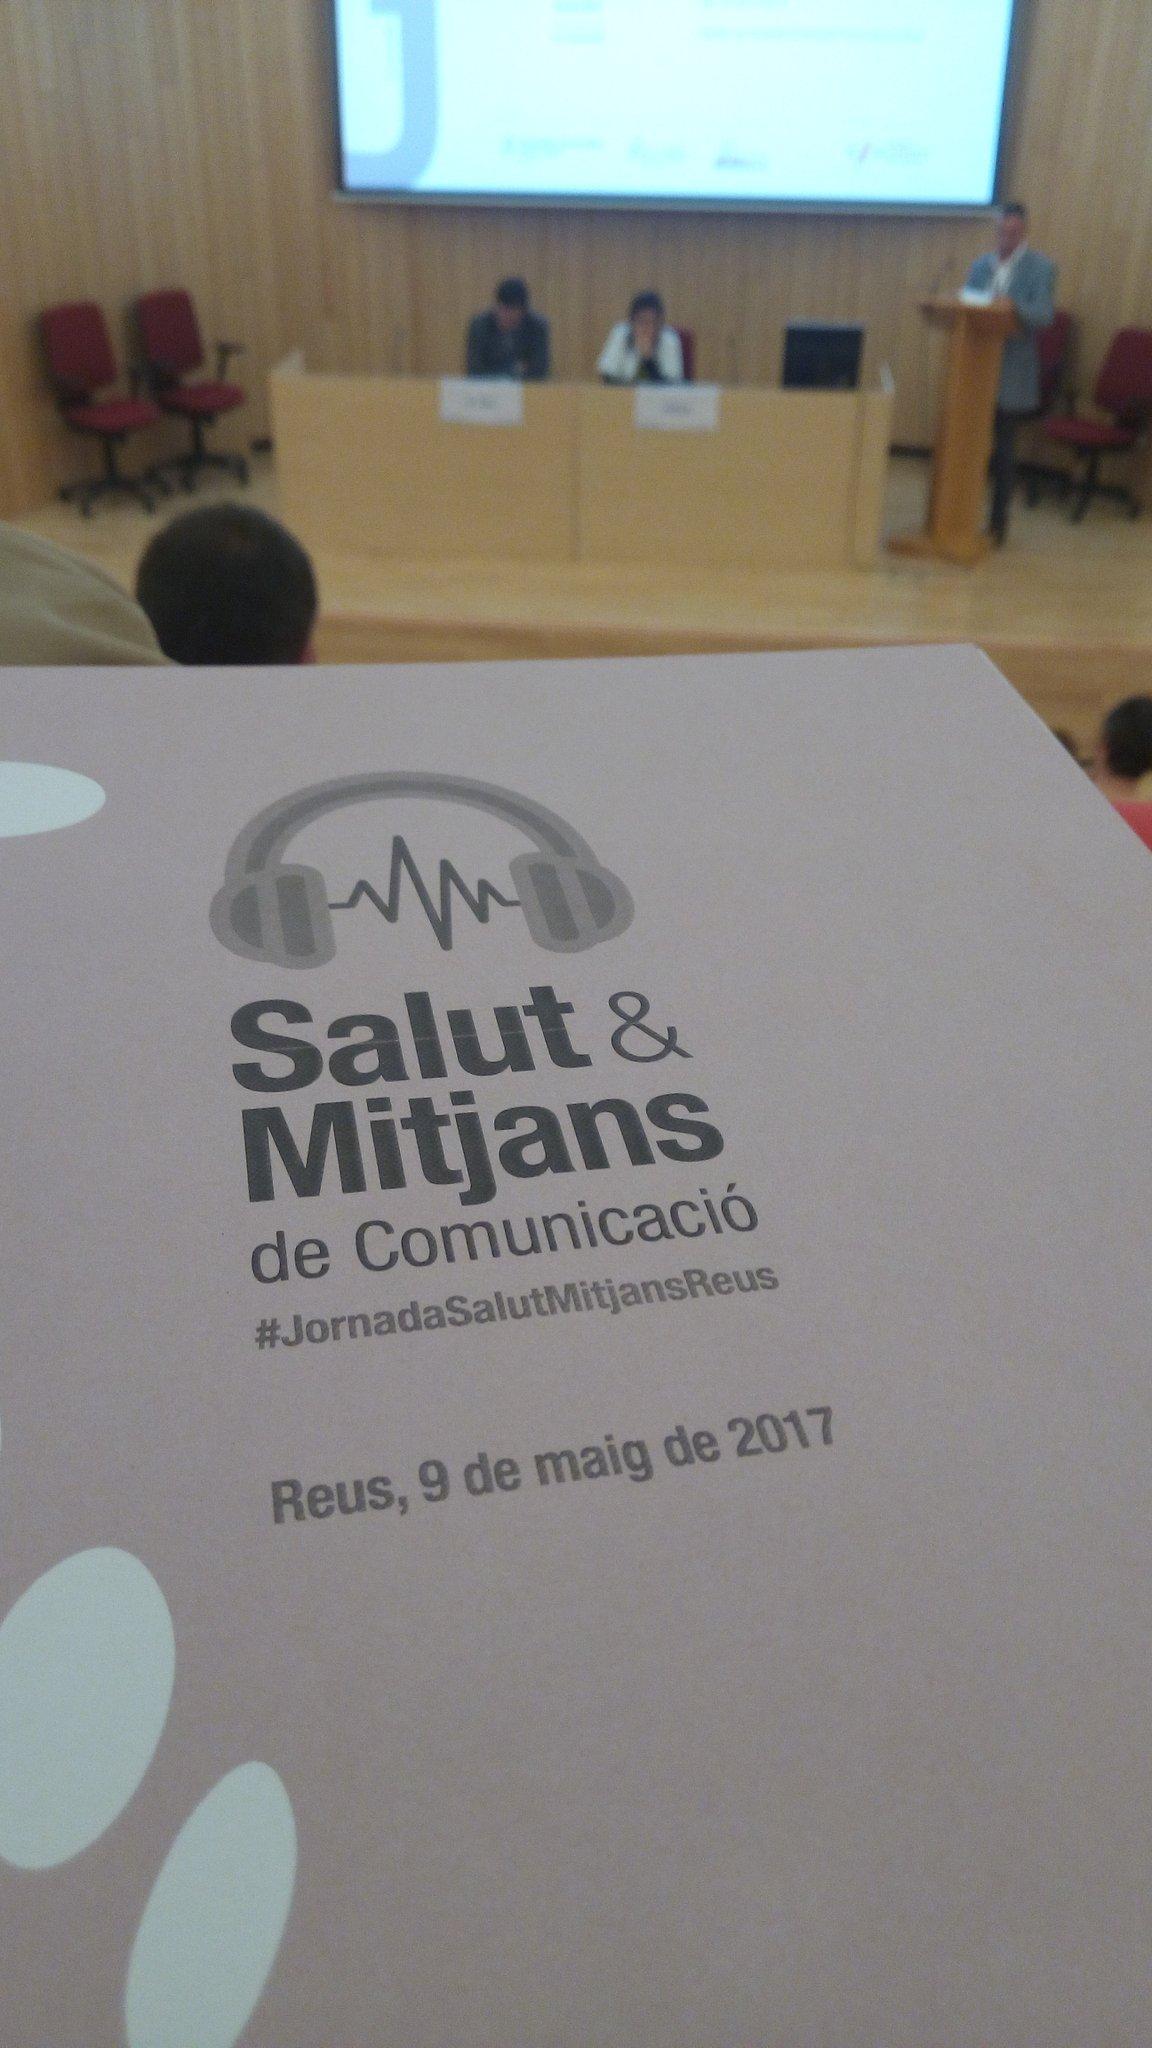 Comença la jornada sobre Salut & Mitjans de comunicació a l'Hospital Universitari Sant Joan de Reus. L'enceta el dr. Joan Guix https://t.co/RthxOaaNM0